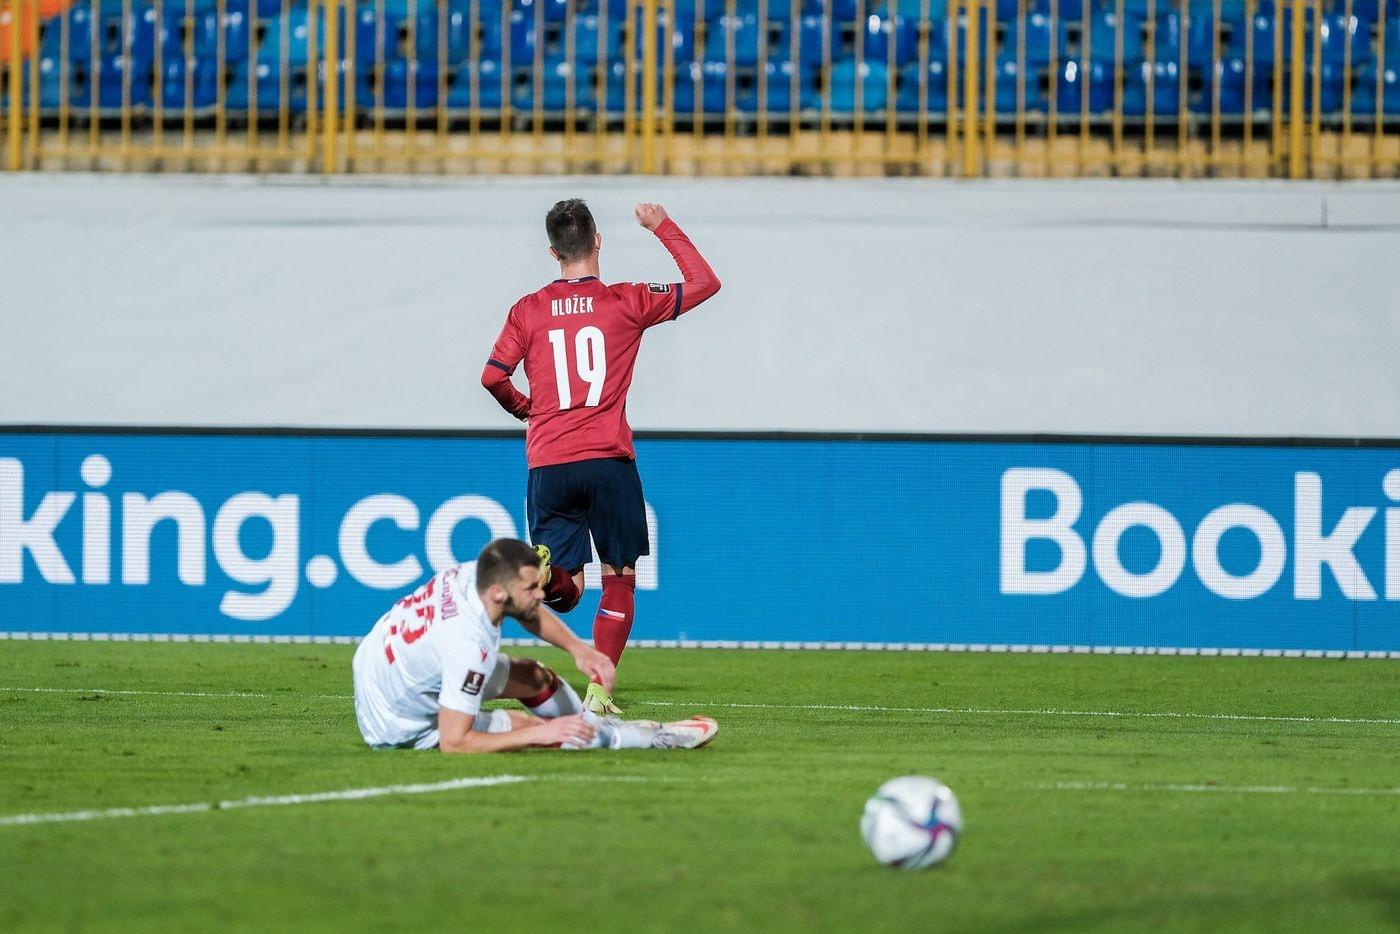 Беларусь вновь проиграла в футбол — на этот раз чехам